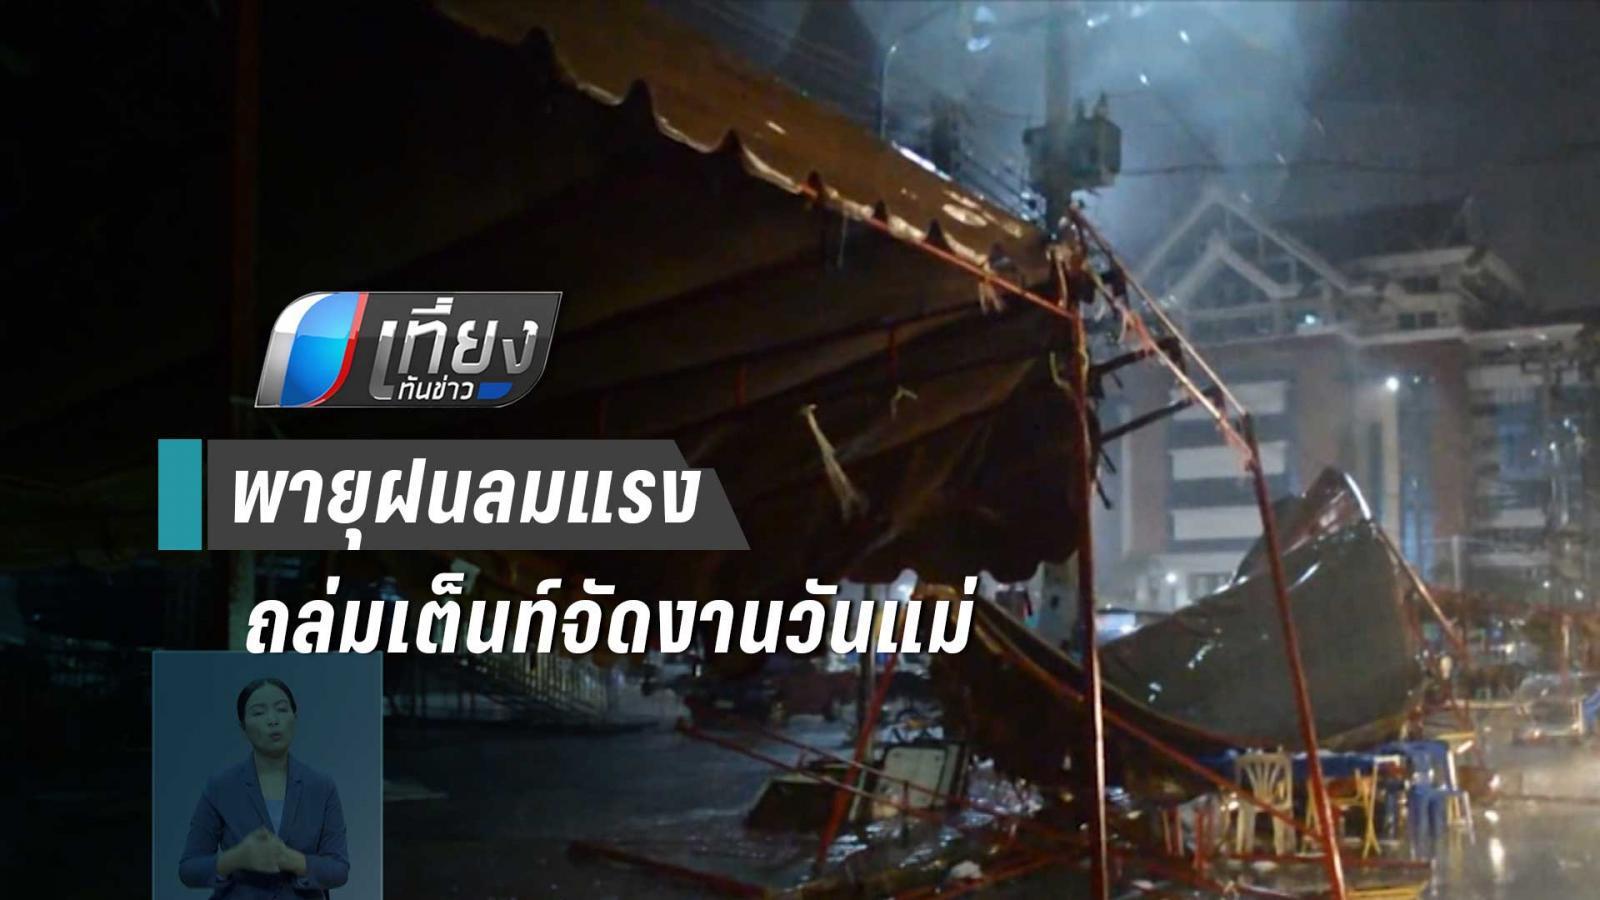 พายุฝนลมแรงพัดถล่มเต็นท์จัดงานวันแม่ เมืองชลบุรี